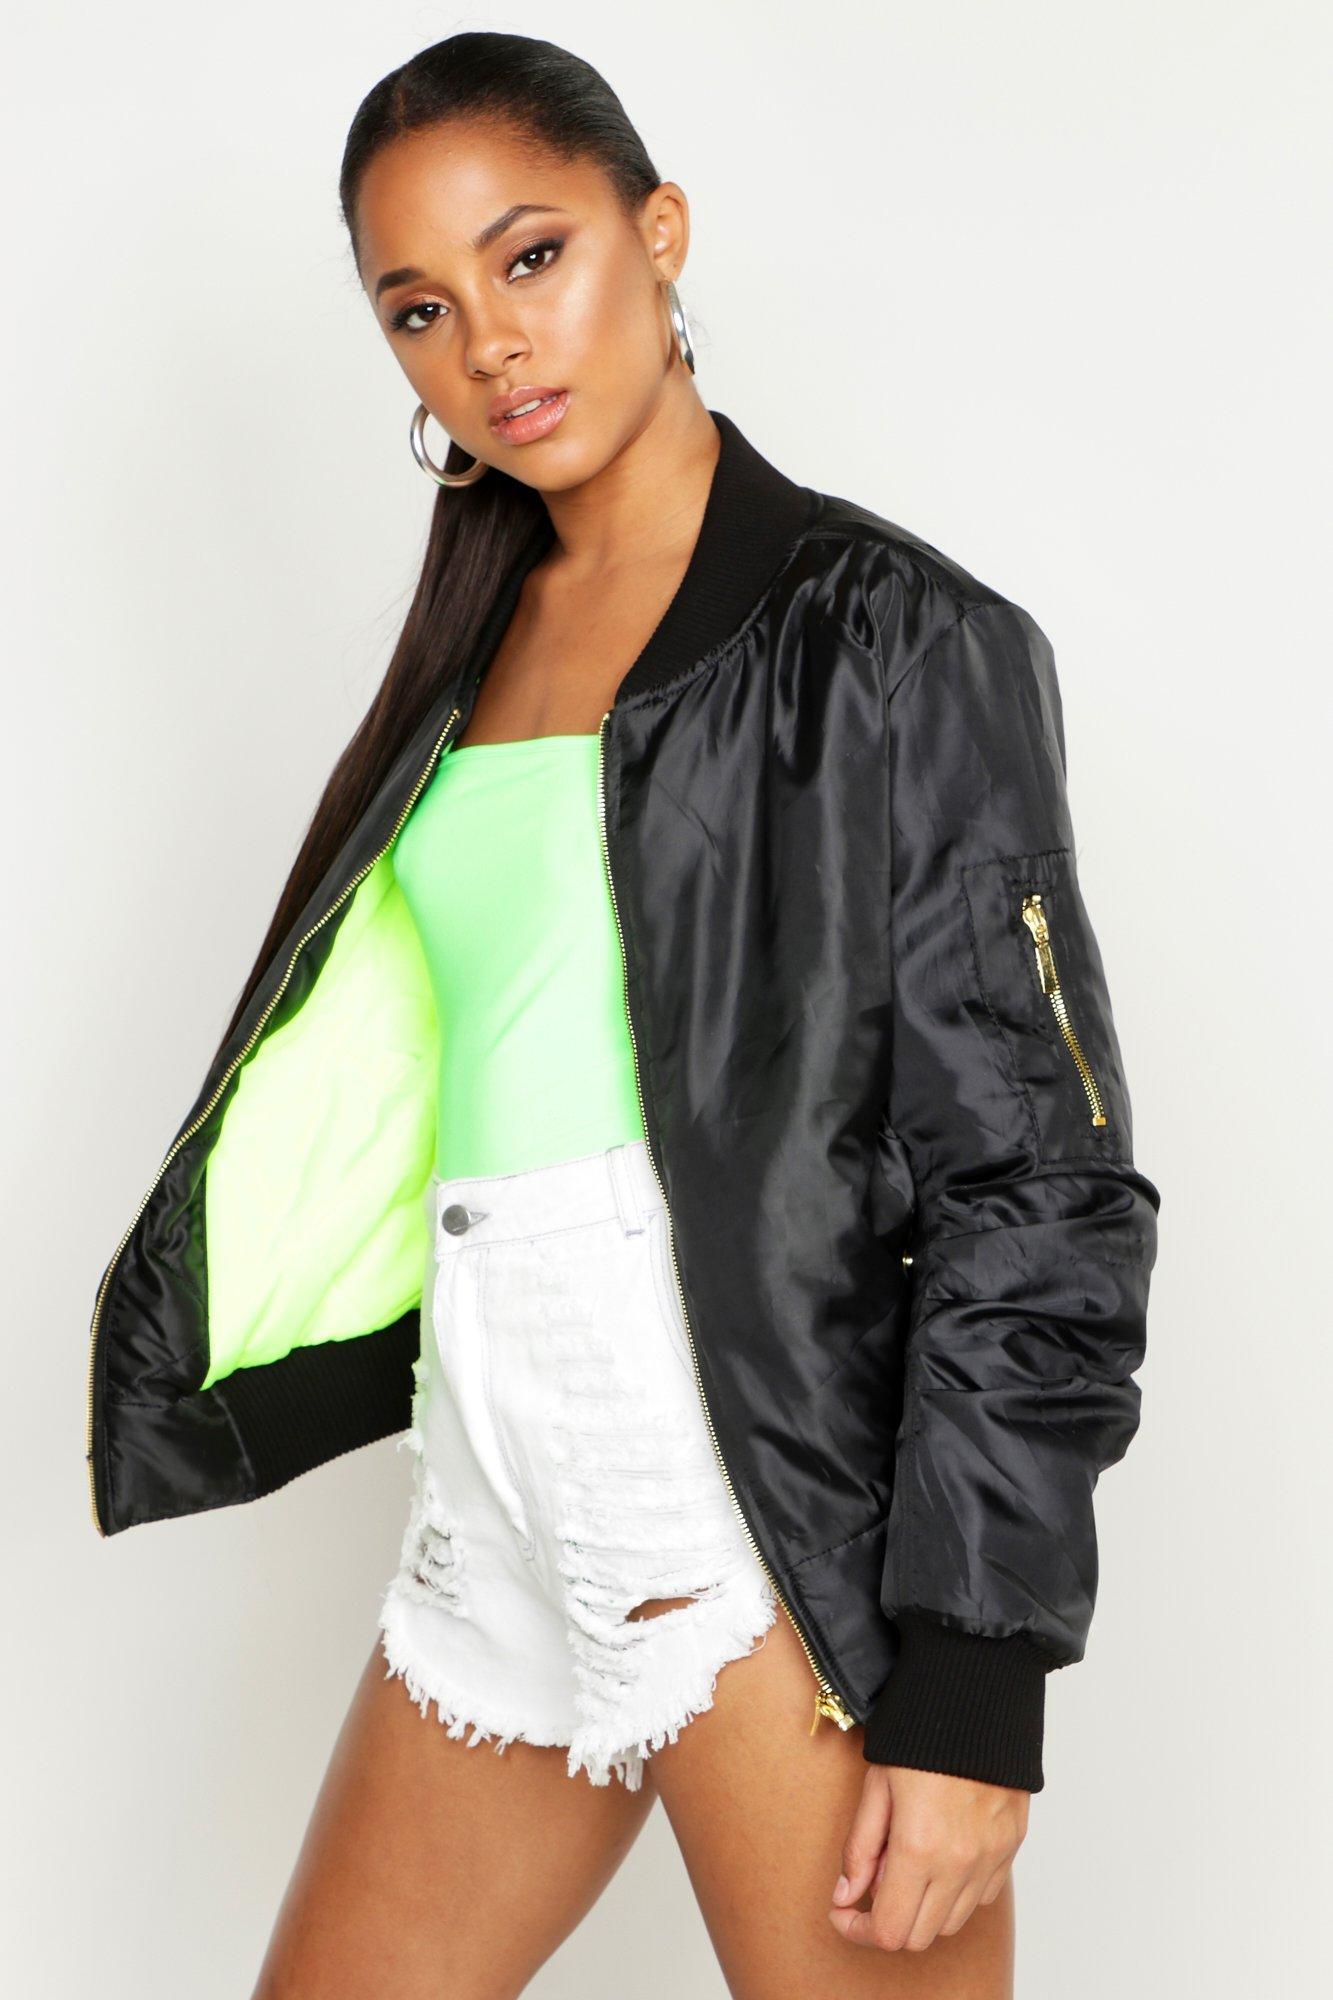 Купить Coats & Jackets, Неоновый зеленый бомбер MA1 на подкладке, boohoo